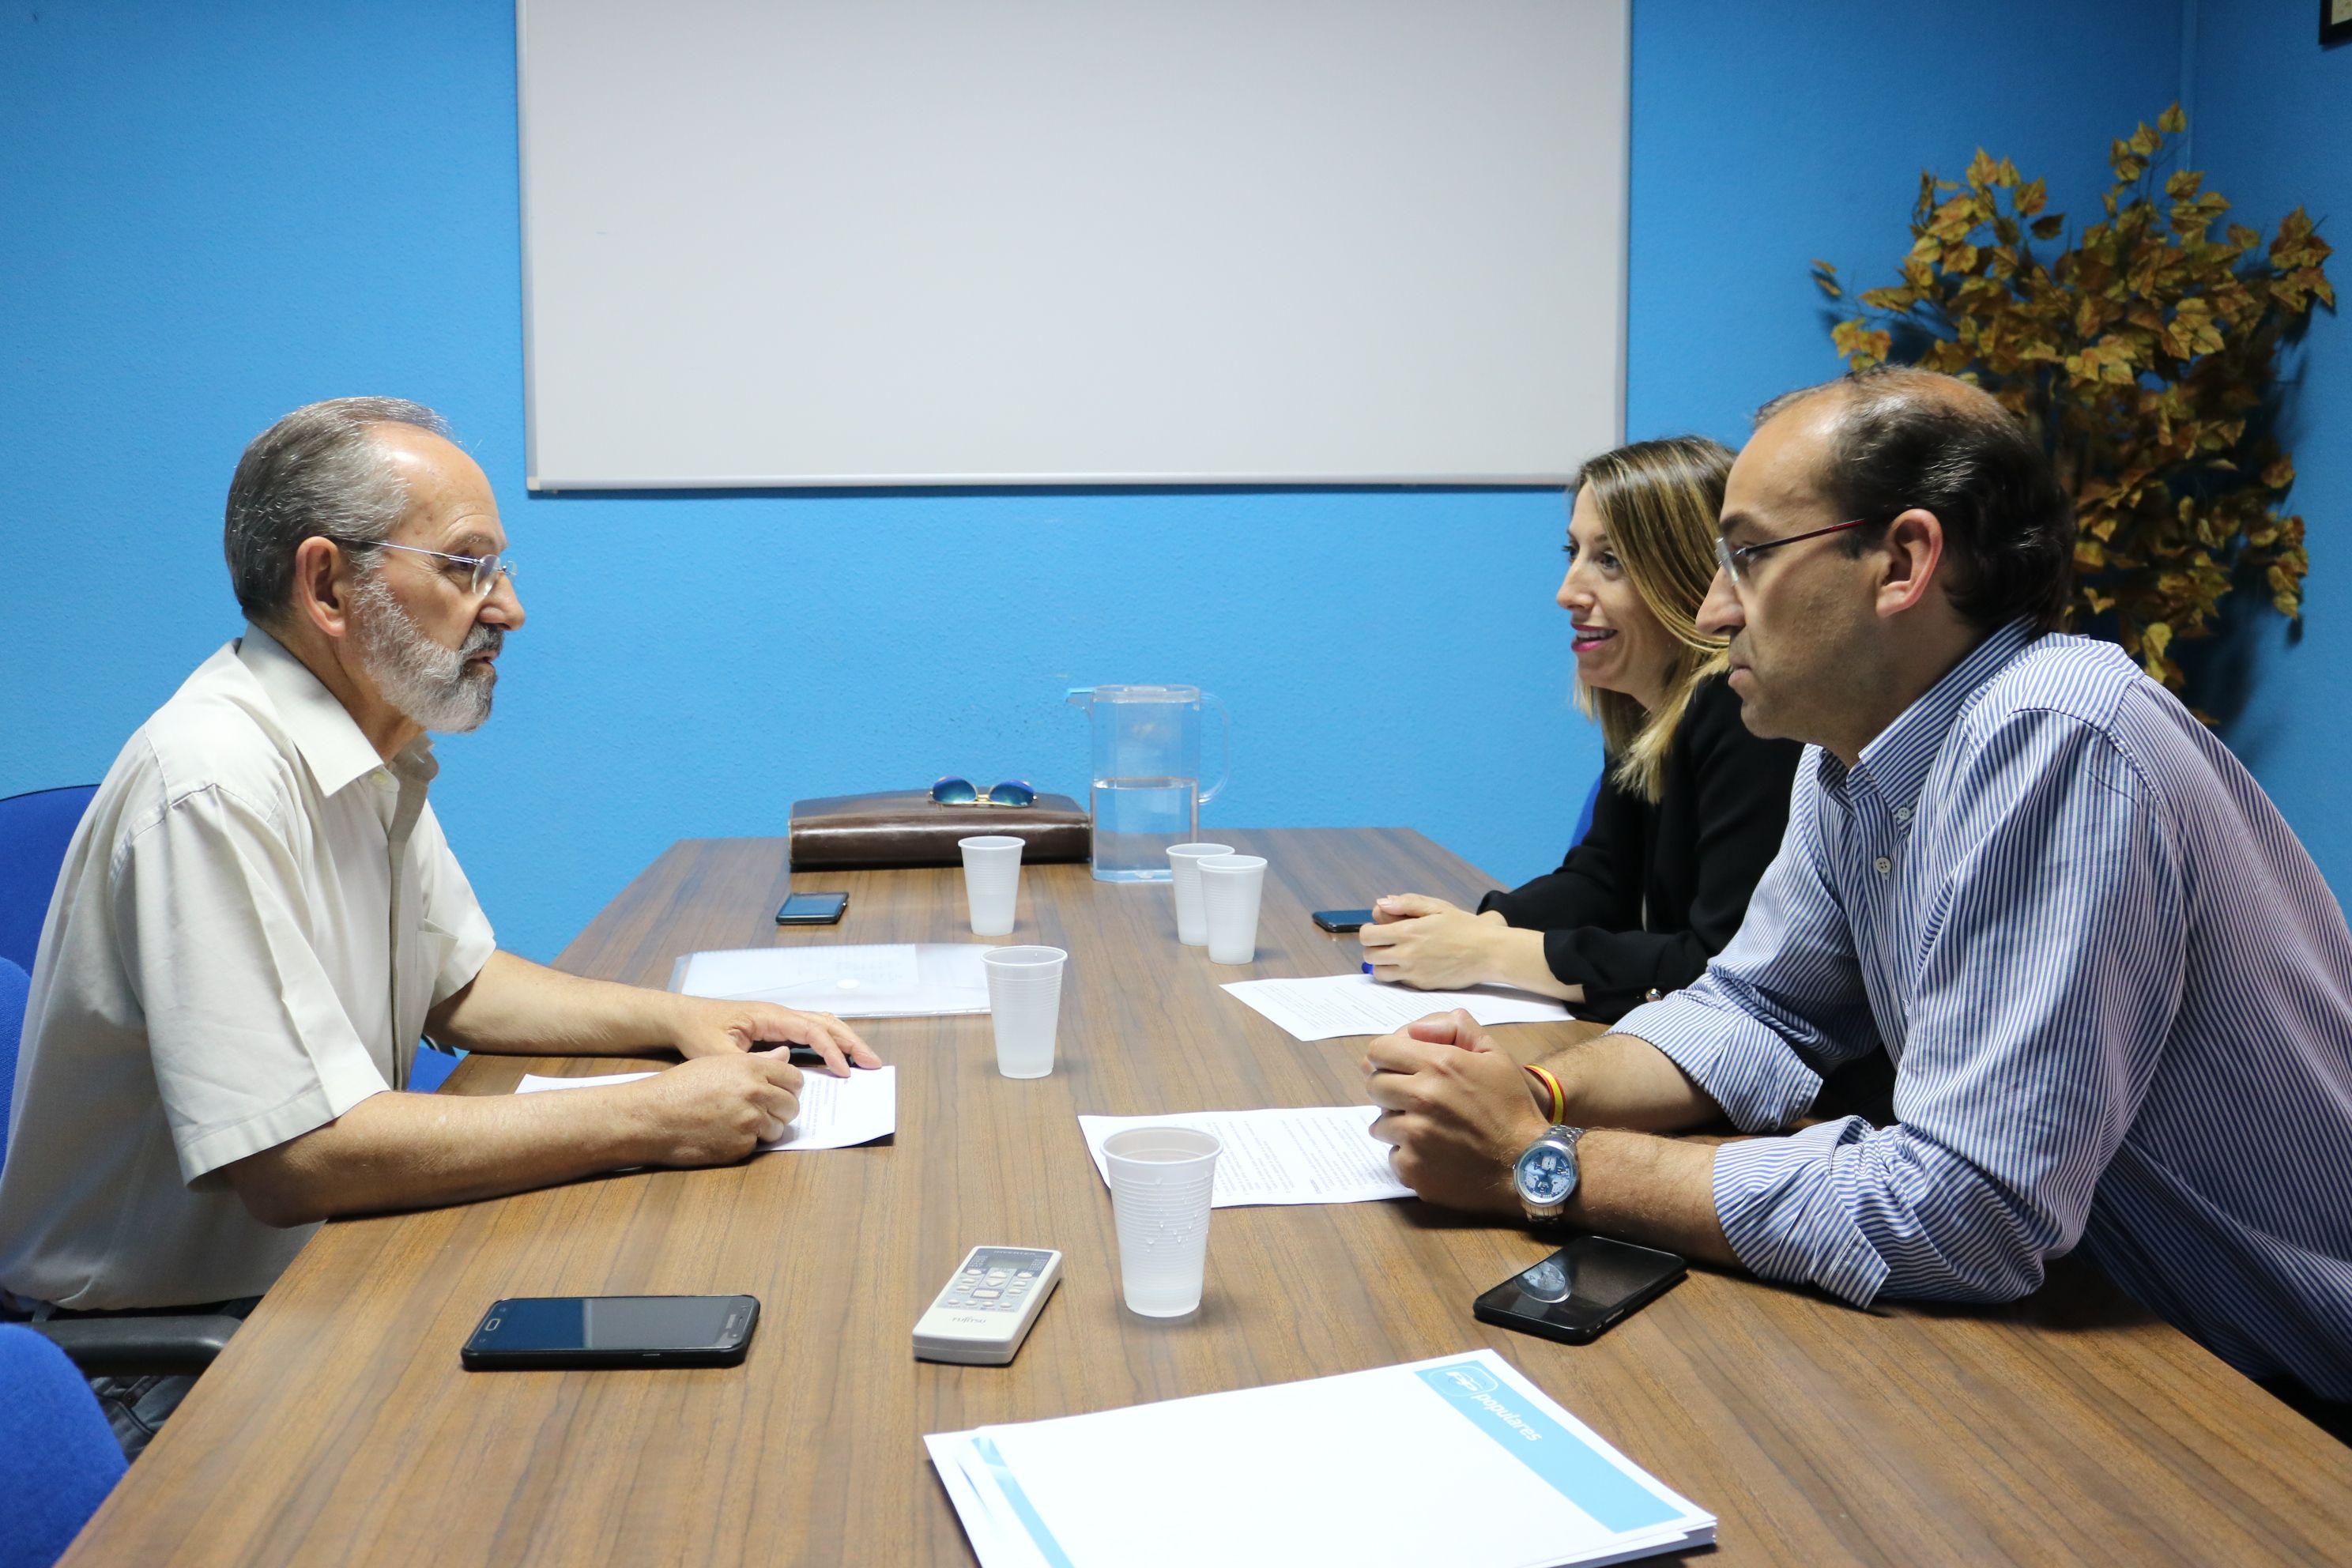 VOX garantiza al PP su absoluta lealtad y la estabilidad del Gobierno formado con Ciudadanos en la próxima legislatura